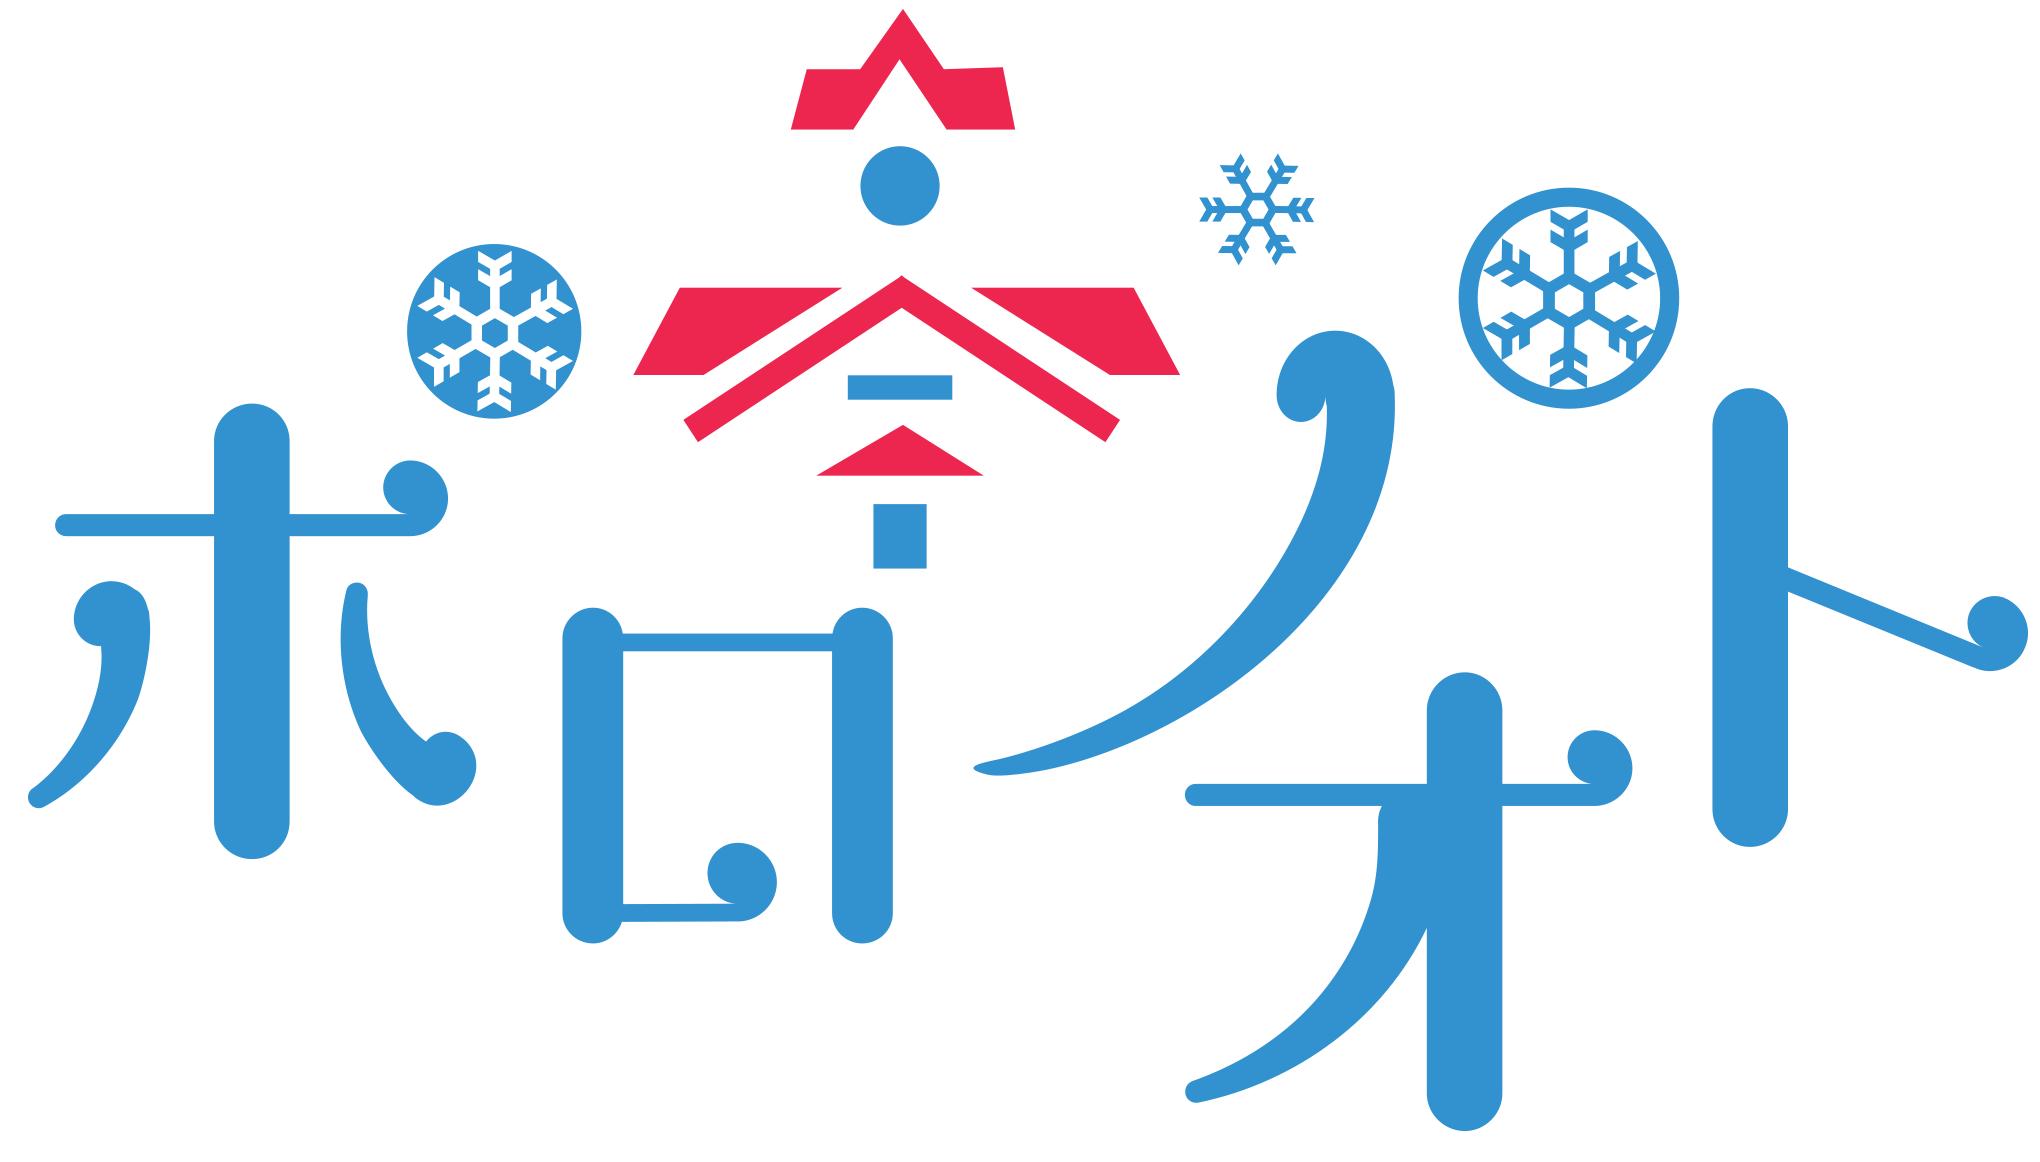 【頑張ろう札幌!キャンペーン】新型コロナウイルスの影響を受けている札幌市内の事業者様へ